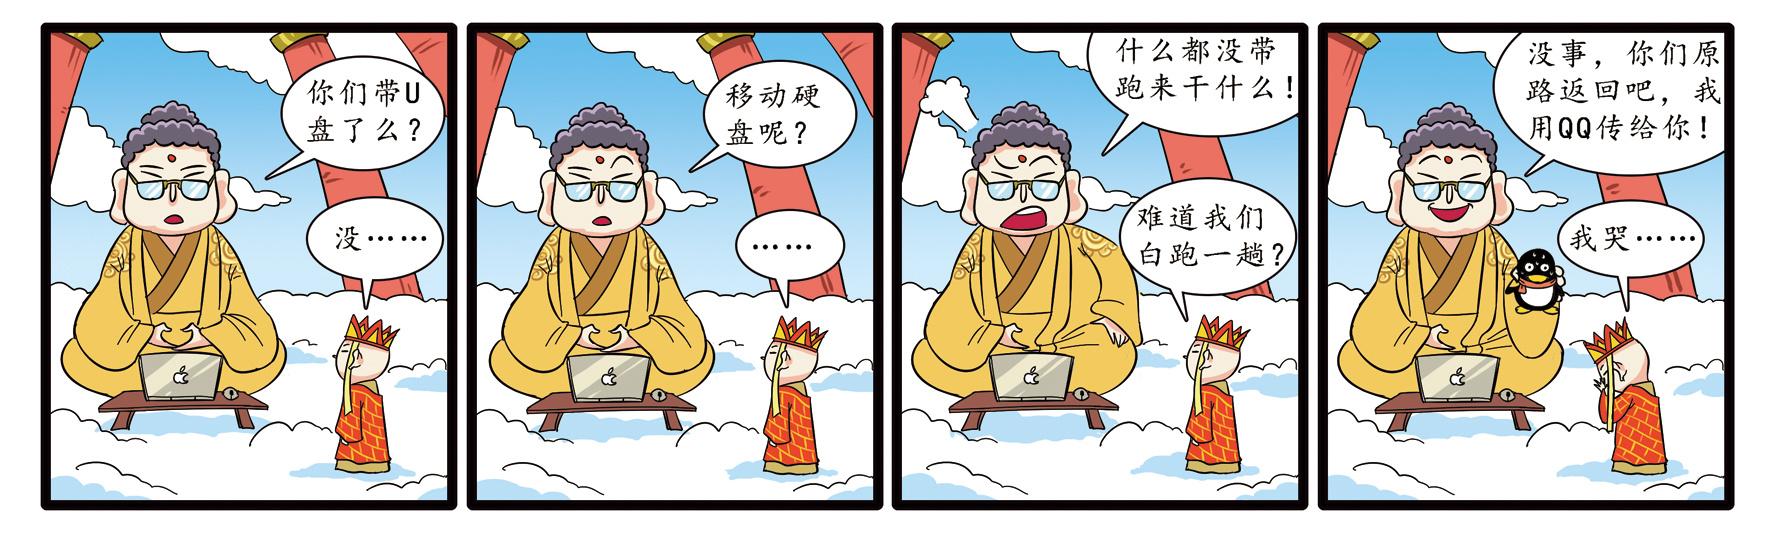 五月天色情����y�-yoly��y�_四格漫画|动漫|短篇/四格漫画|olylo - 原创作品